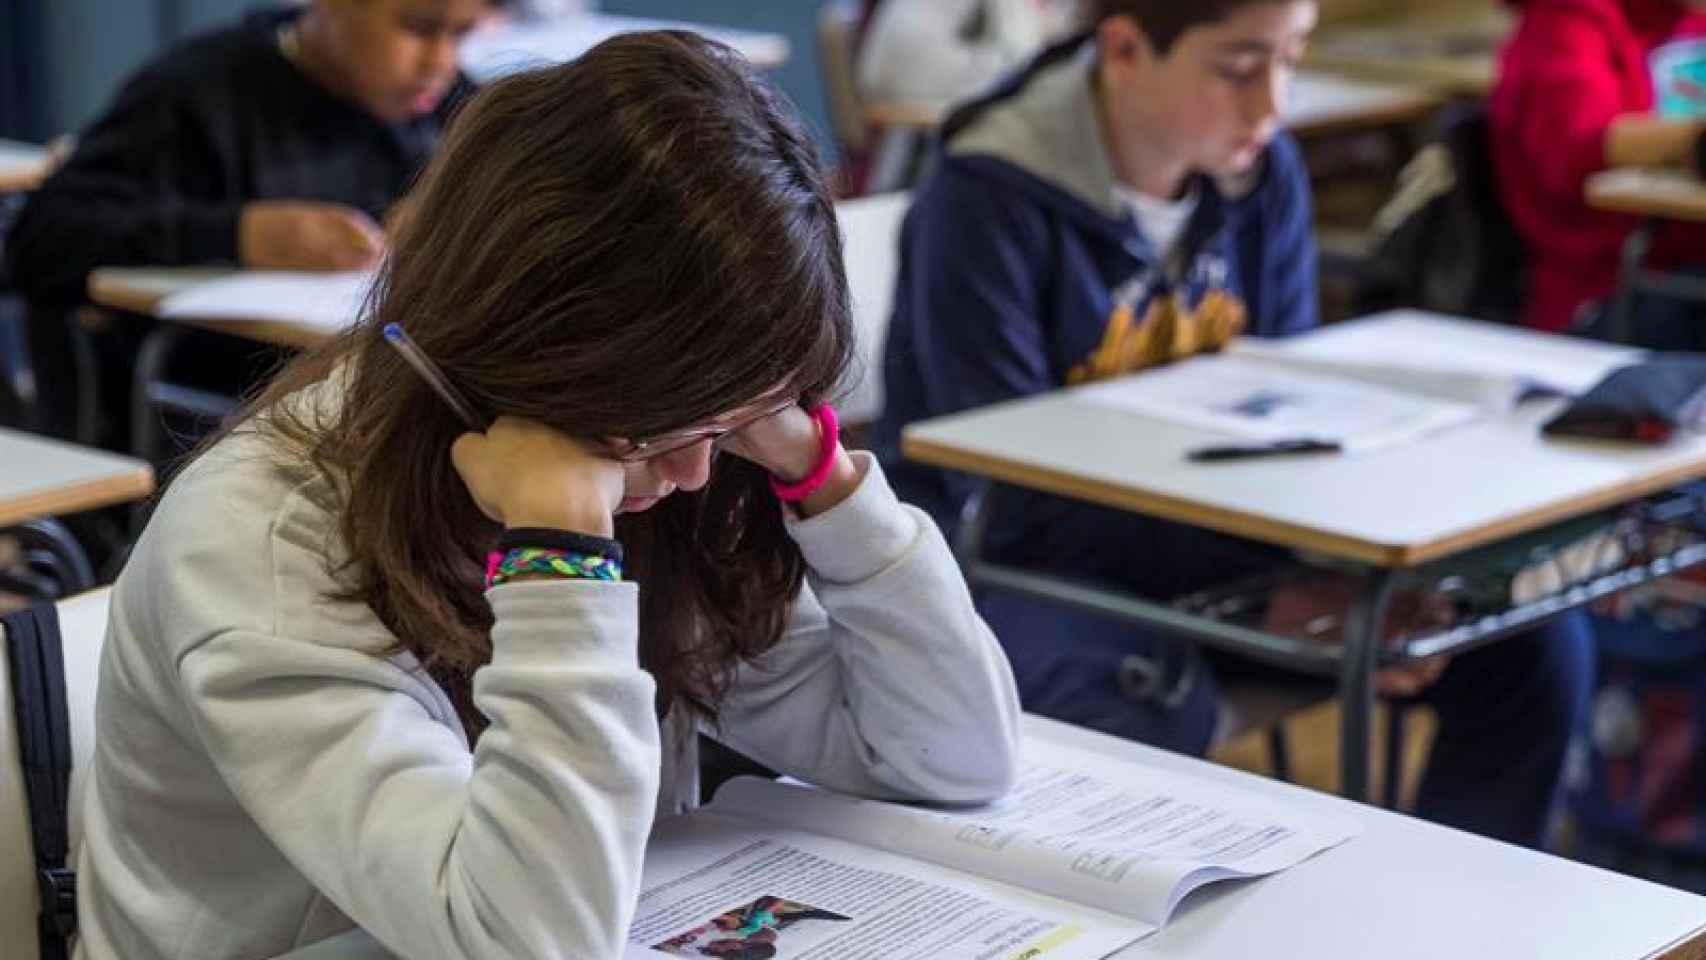 Los alumnos de 6º de Primaria han terminado hoy de examinarse de la reválida